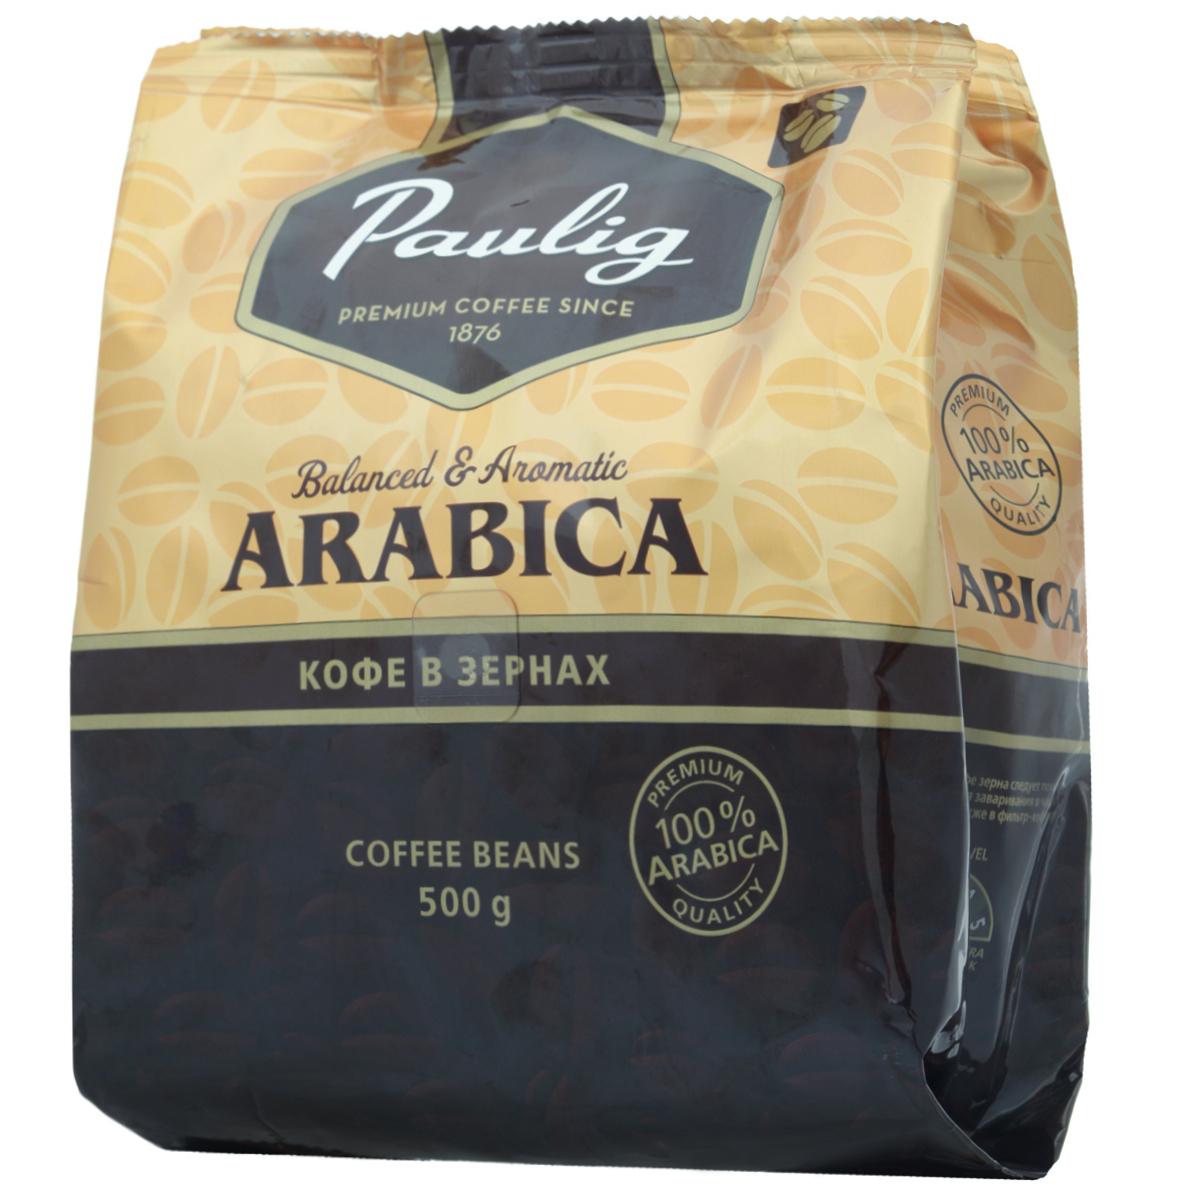 Paulig Arabica кофе в зернах, 500 г16551Paulig Arabica - это прекрасно сбалансированная смесь тщательно отобранных кофейных зерен из Южной и Центральной Америки. Все богатство аромата медленно созревающих зерен из Центральной Америки в сочетании со сладкими нотами и бархатистым вкусом бразильских сортов гарантируют вам наслаждение.